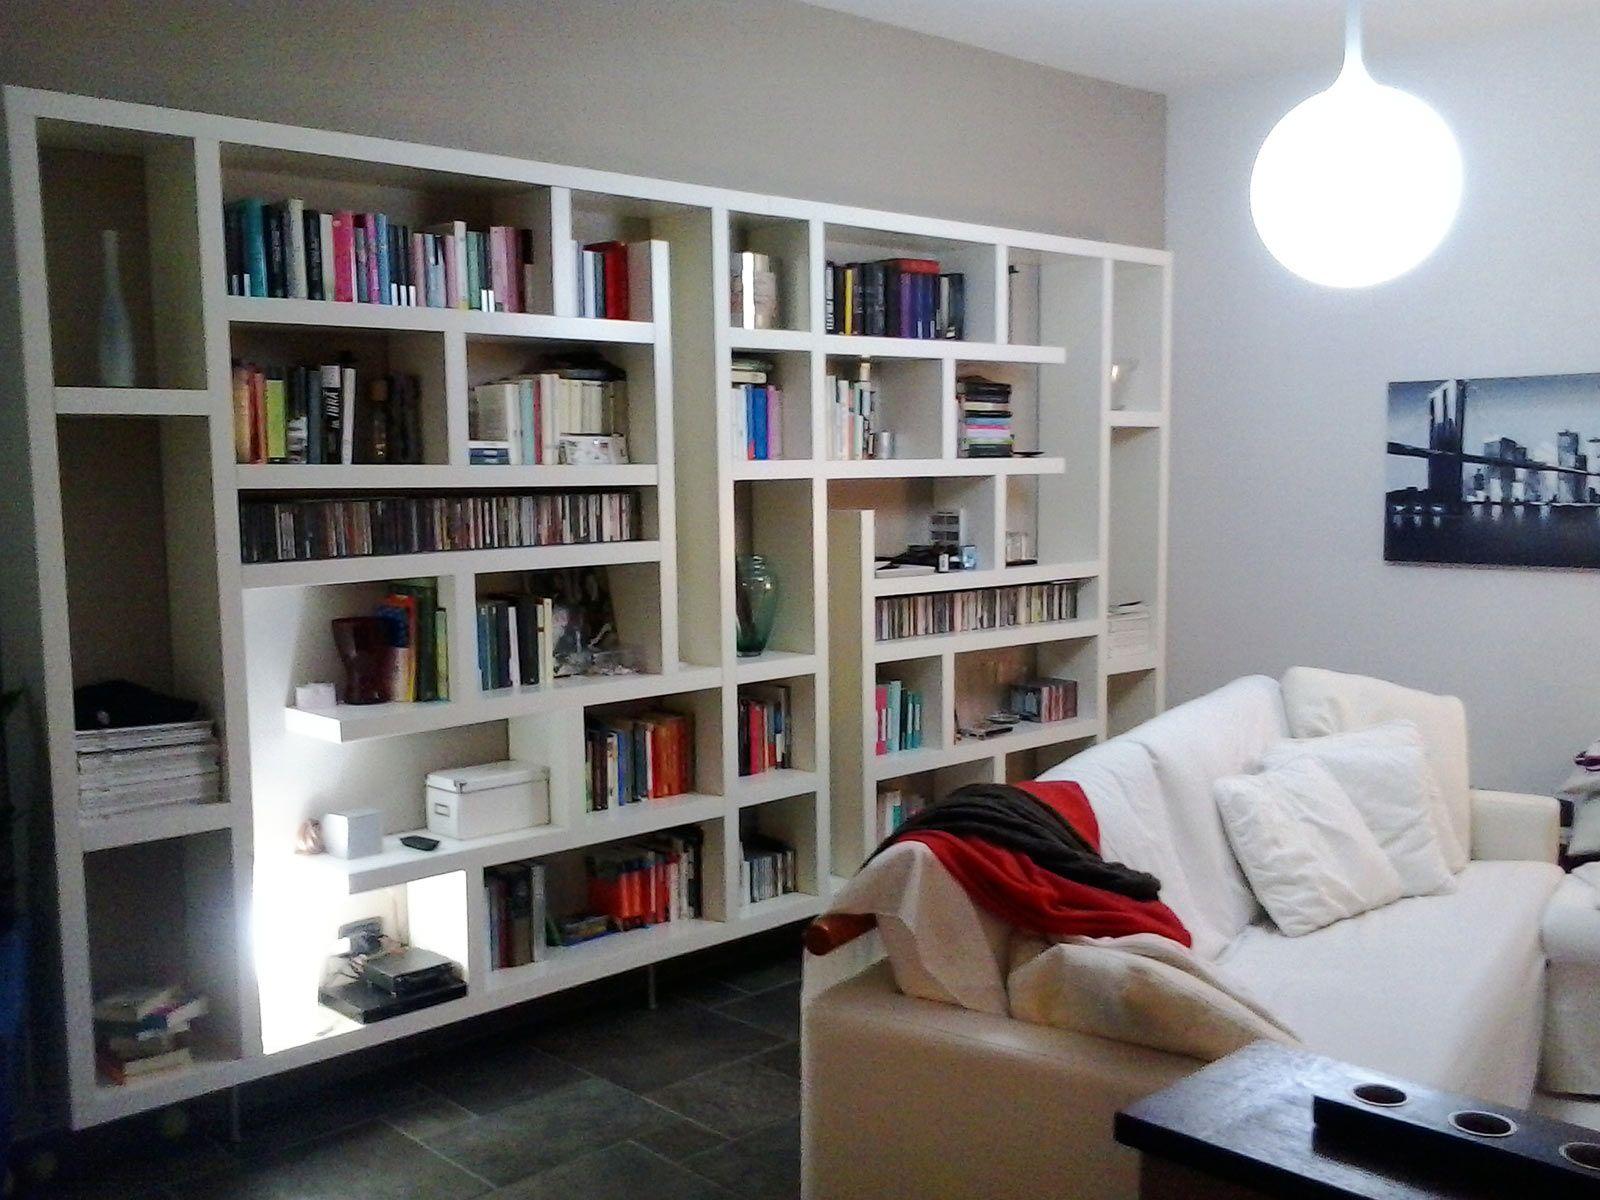 Libreria Iles nel 2020 Scaffali per libri, Idea di